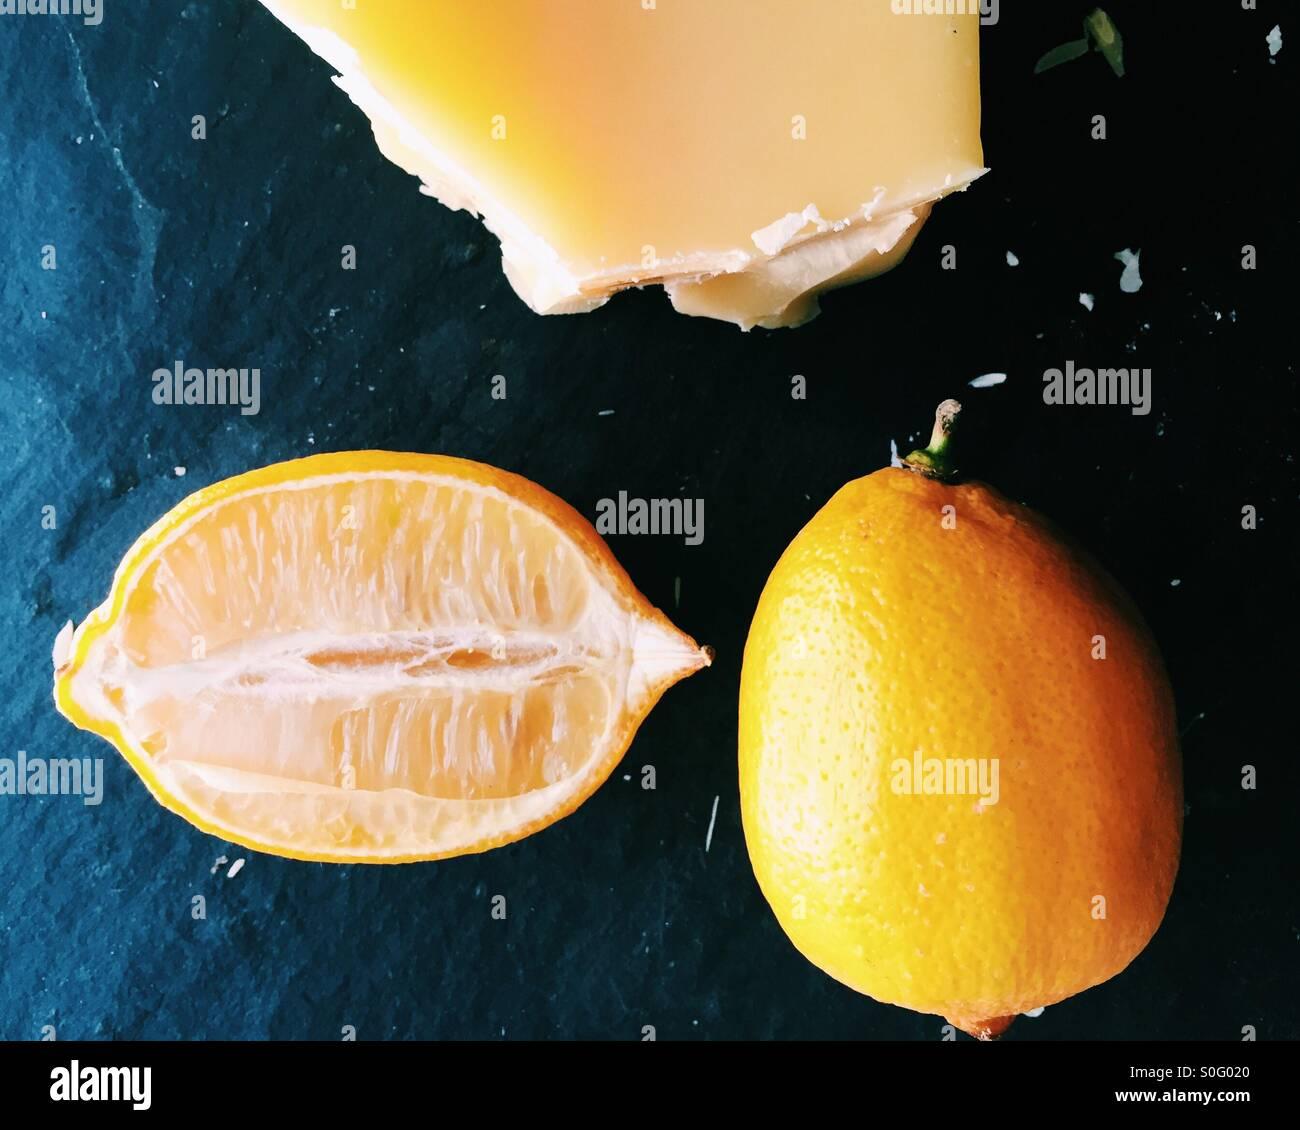 Lemons and beeswax - Stock Image